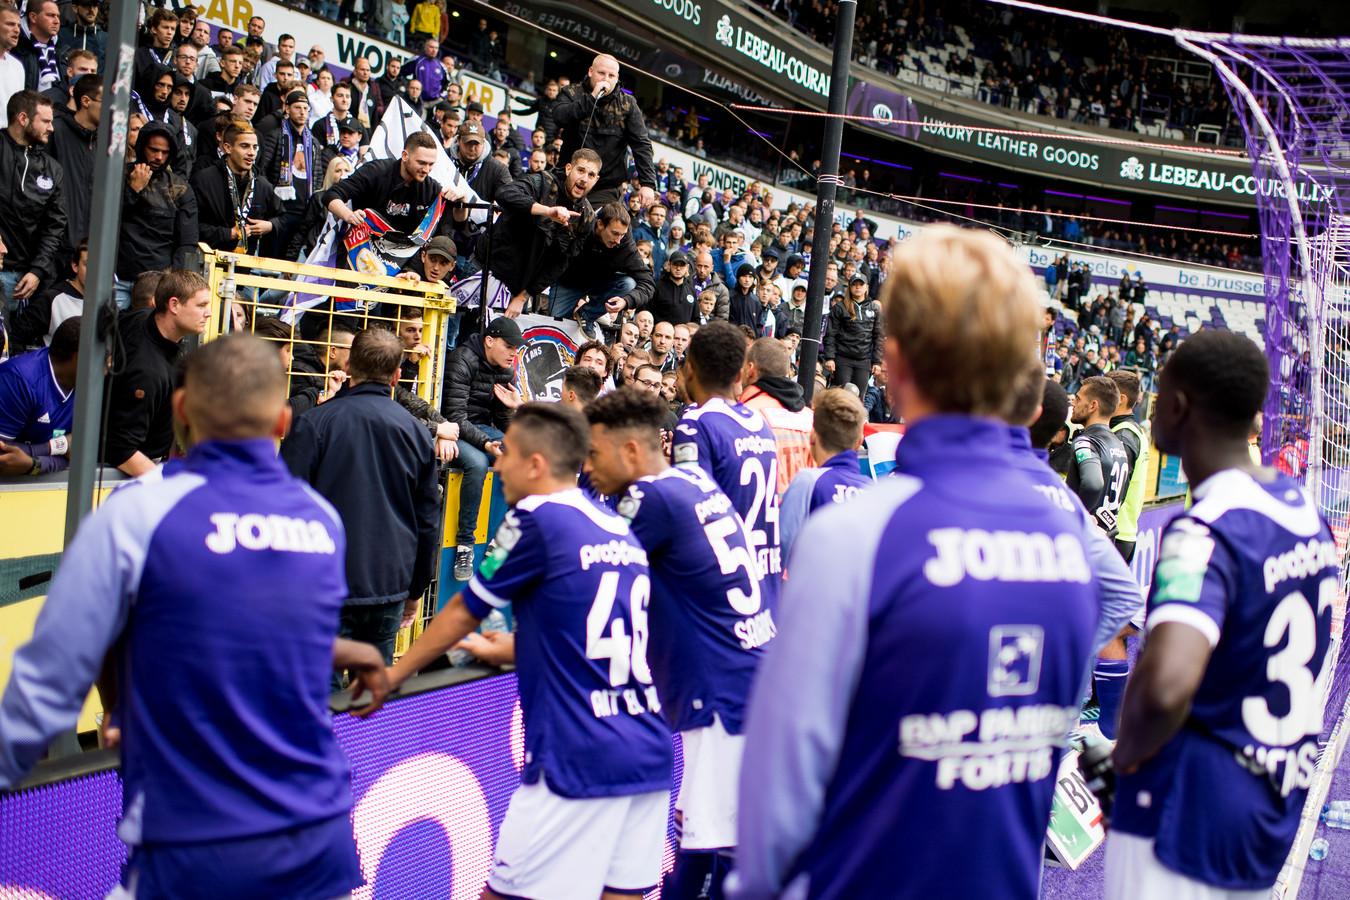 De spelers van Anderlecht proberen de boze supporters tot bedaren te brengen.